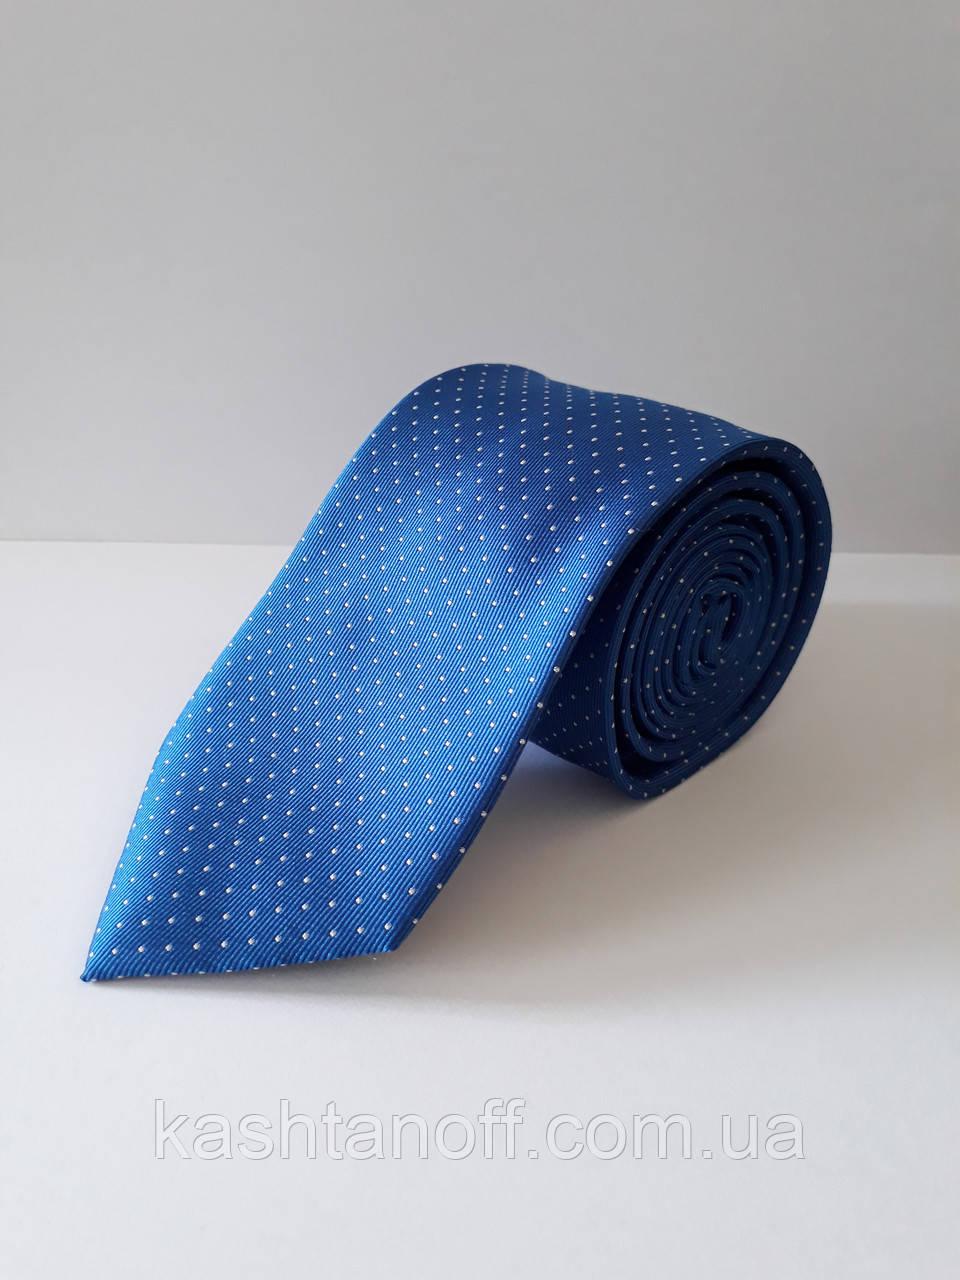 Галстук классический голубой с точечным рисунком